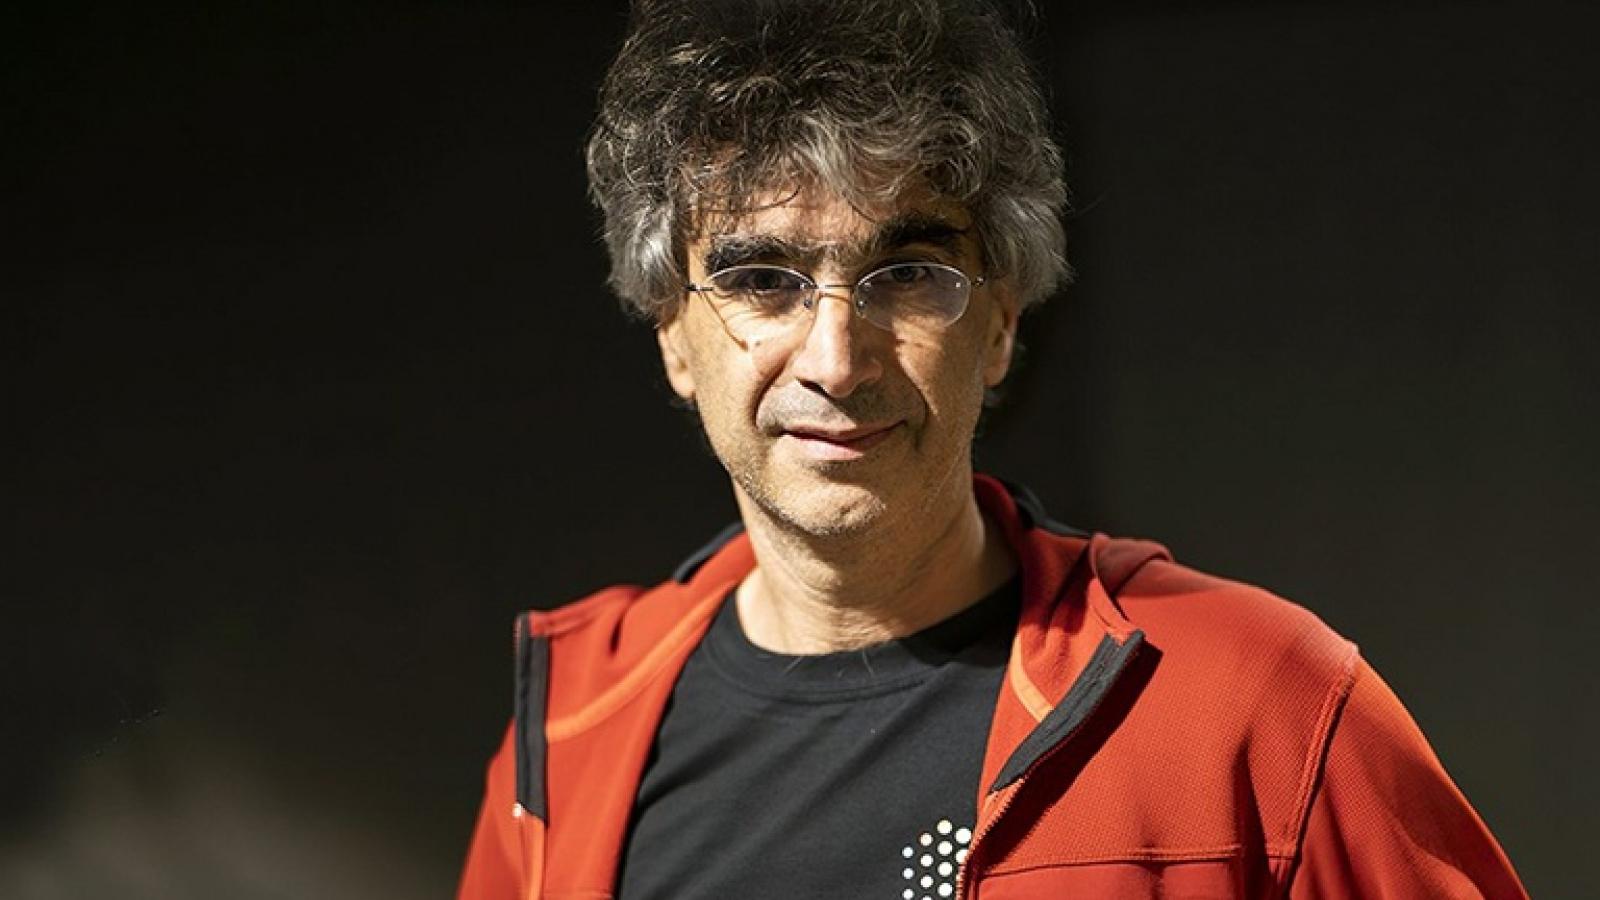 Apple thuê cựu nhân viên Google nắm bộ phận nghiên cứu AI